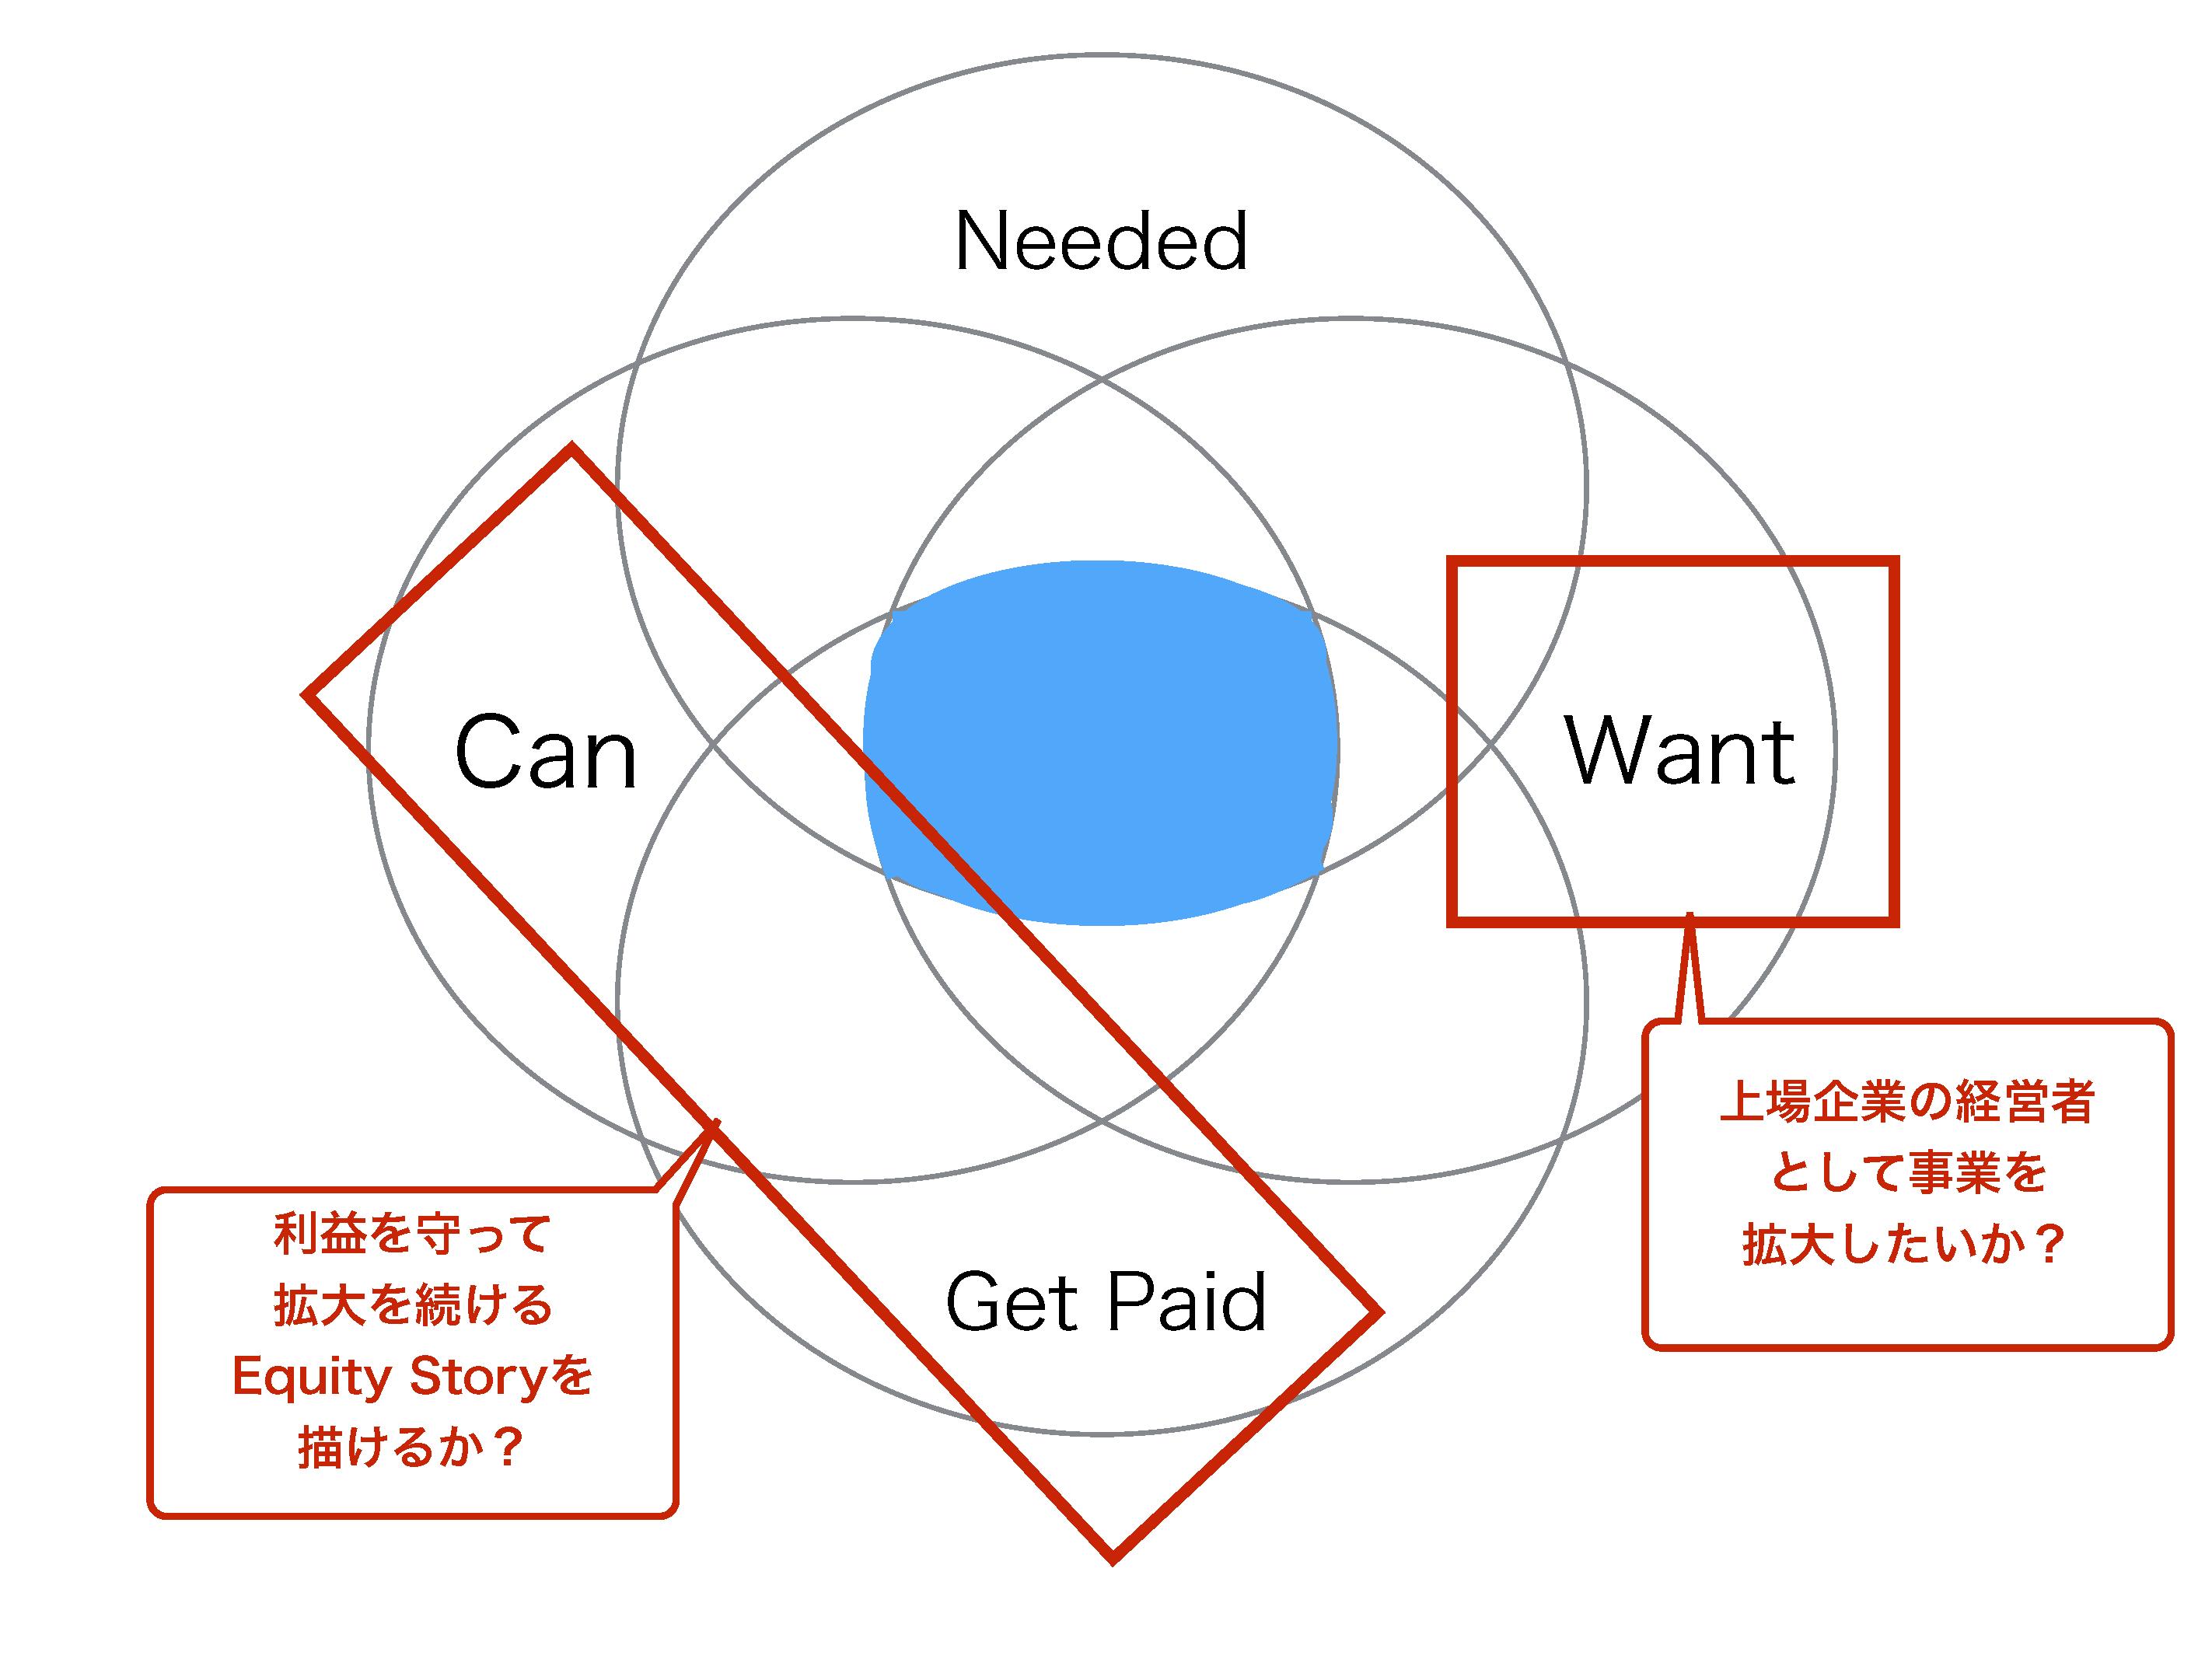 4つのマトリクス分類